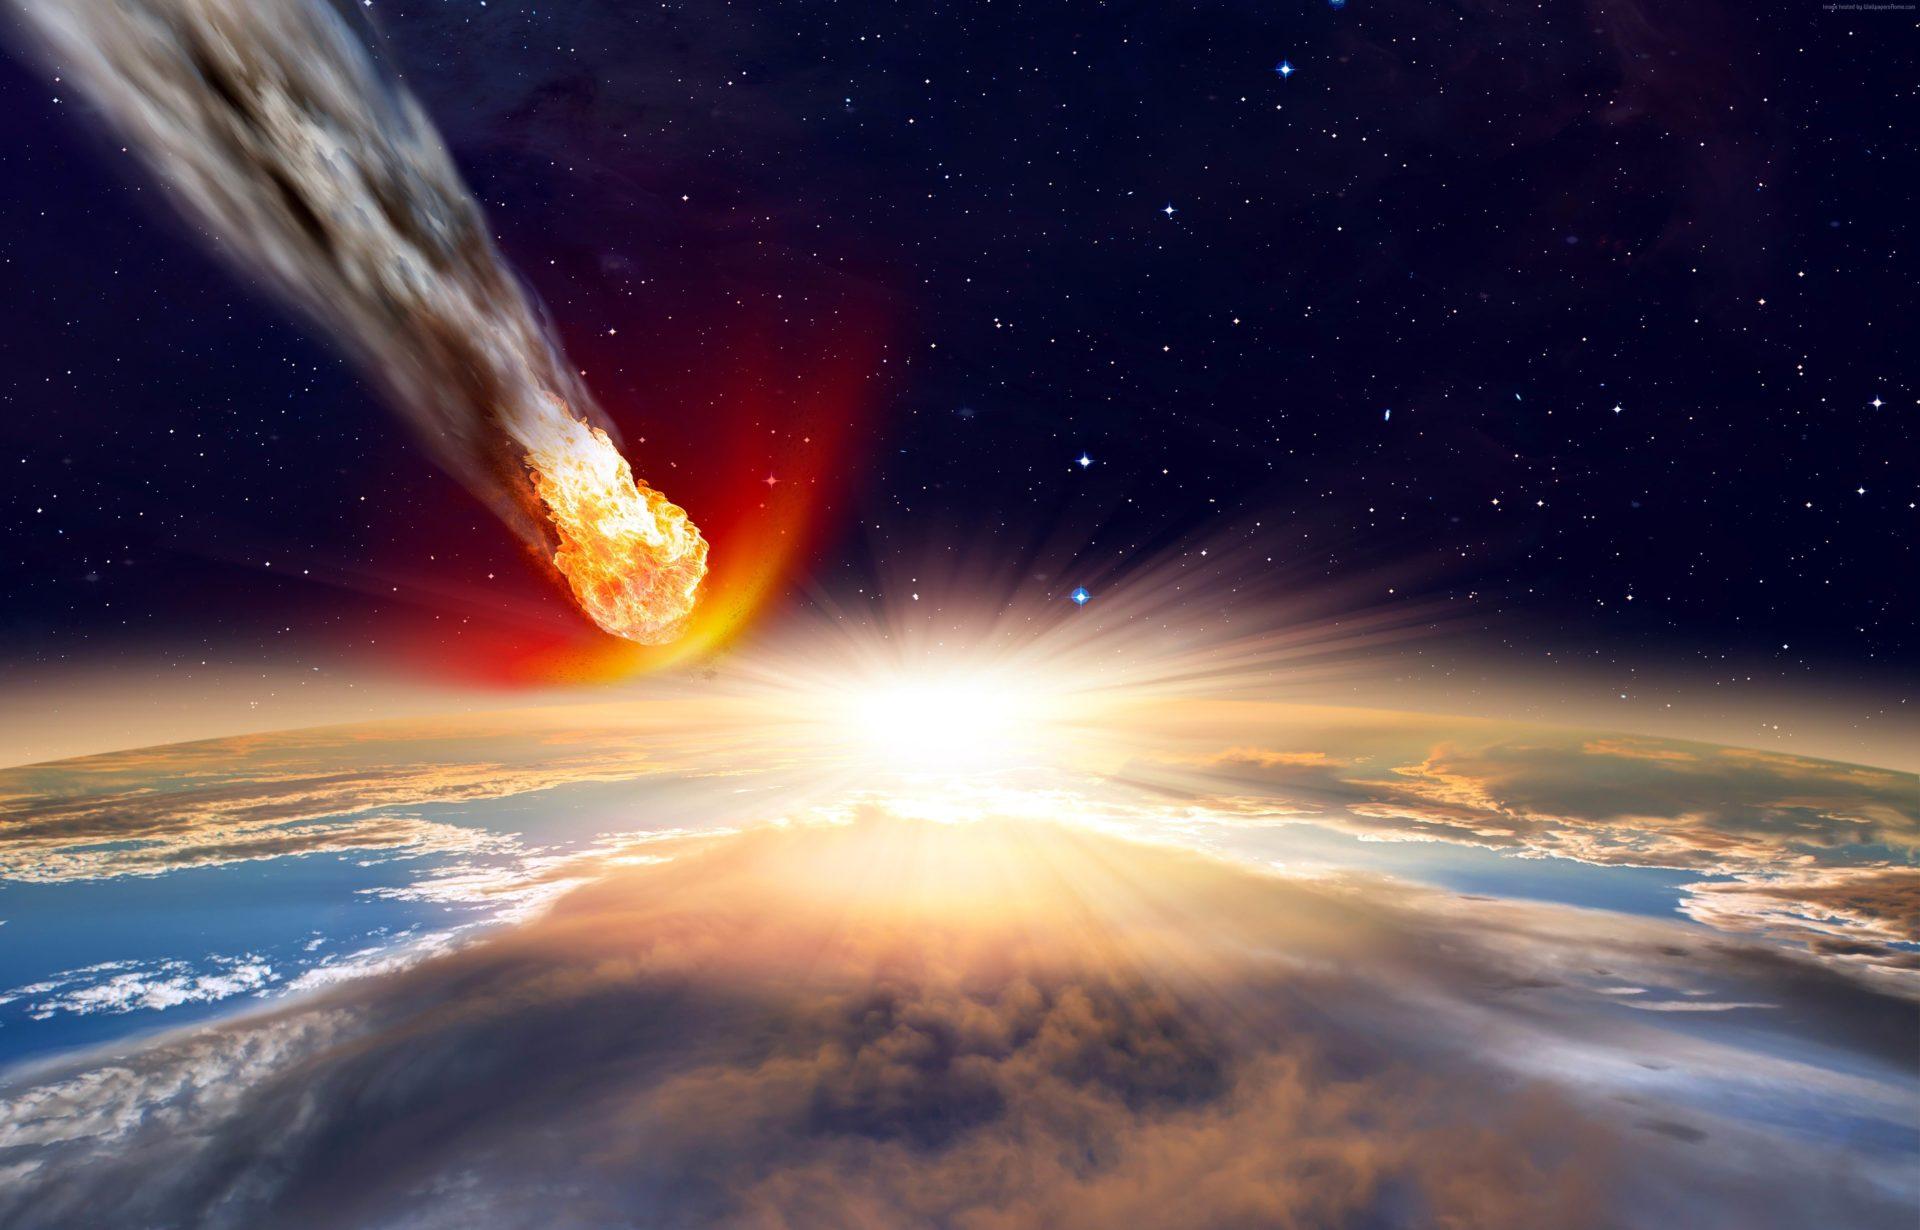 ООН предупредила о большом количестве огромных астероидов, угрожающих Земле